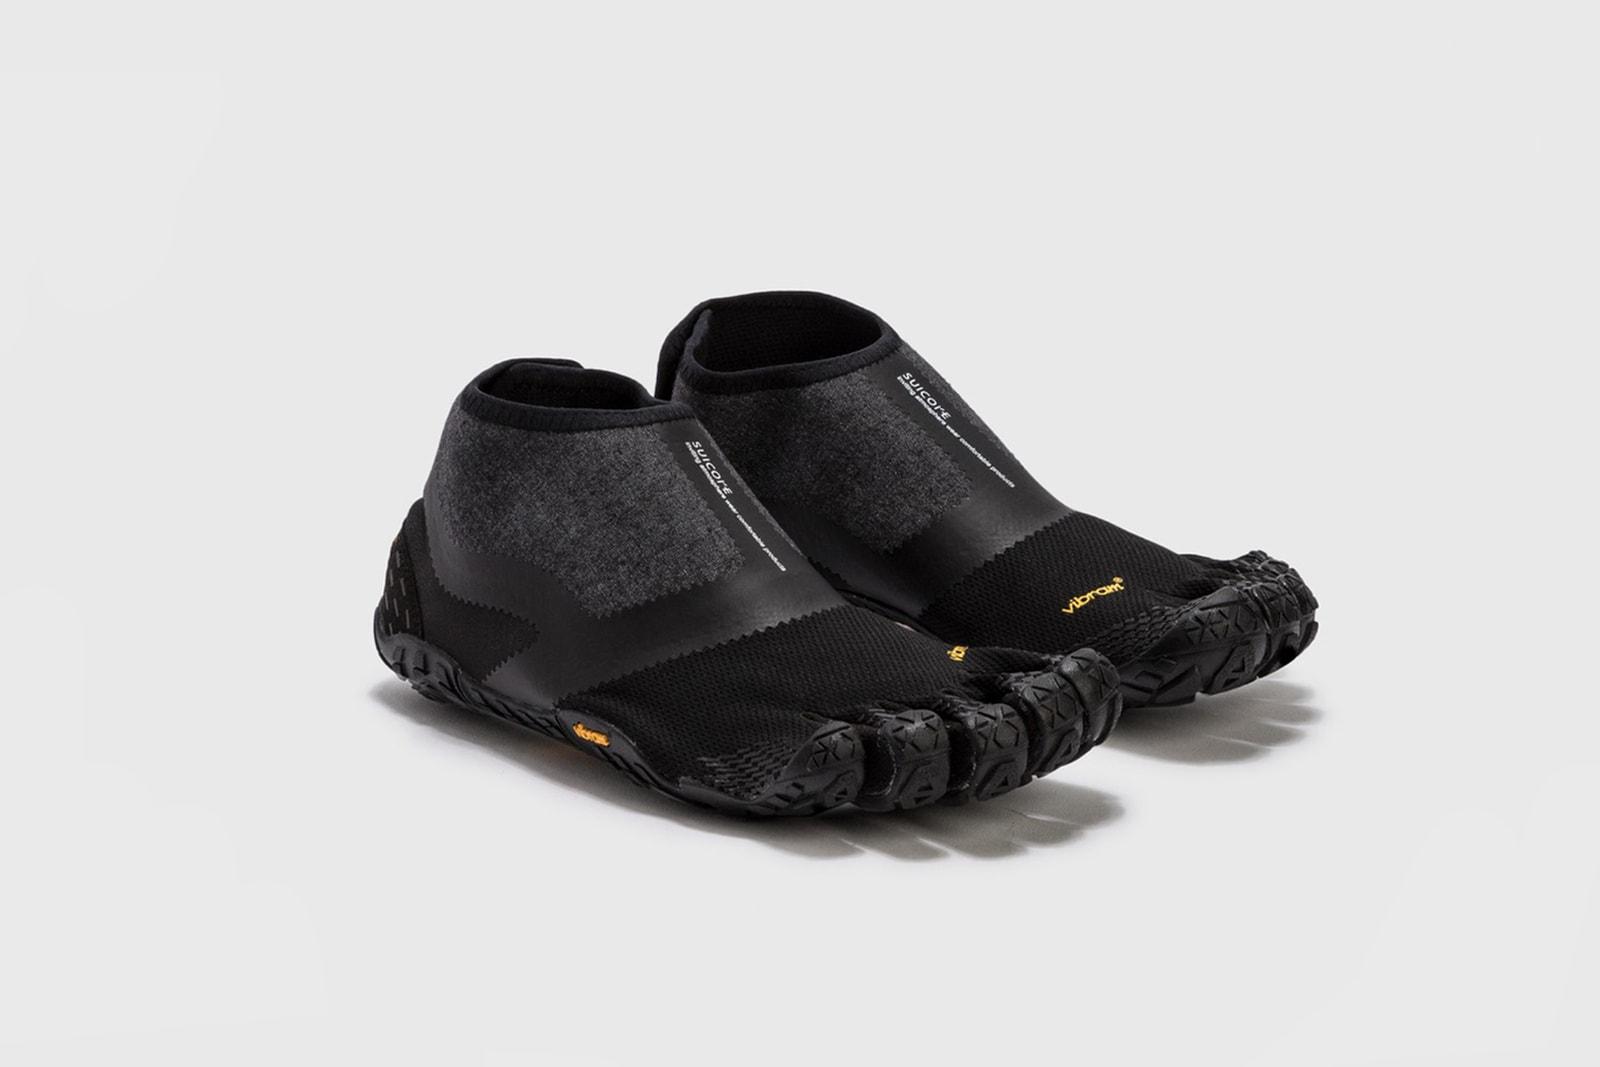 嚴選 PRADA、MAISON MARGIELA 及 NEEDLES 等熱門品牌「休閒鞋履」入手推介